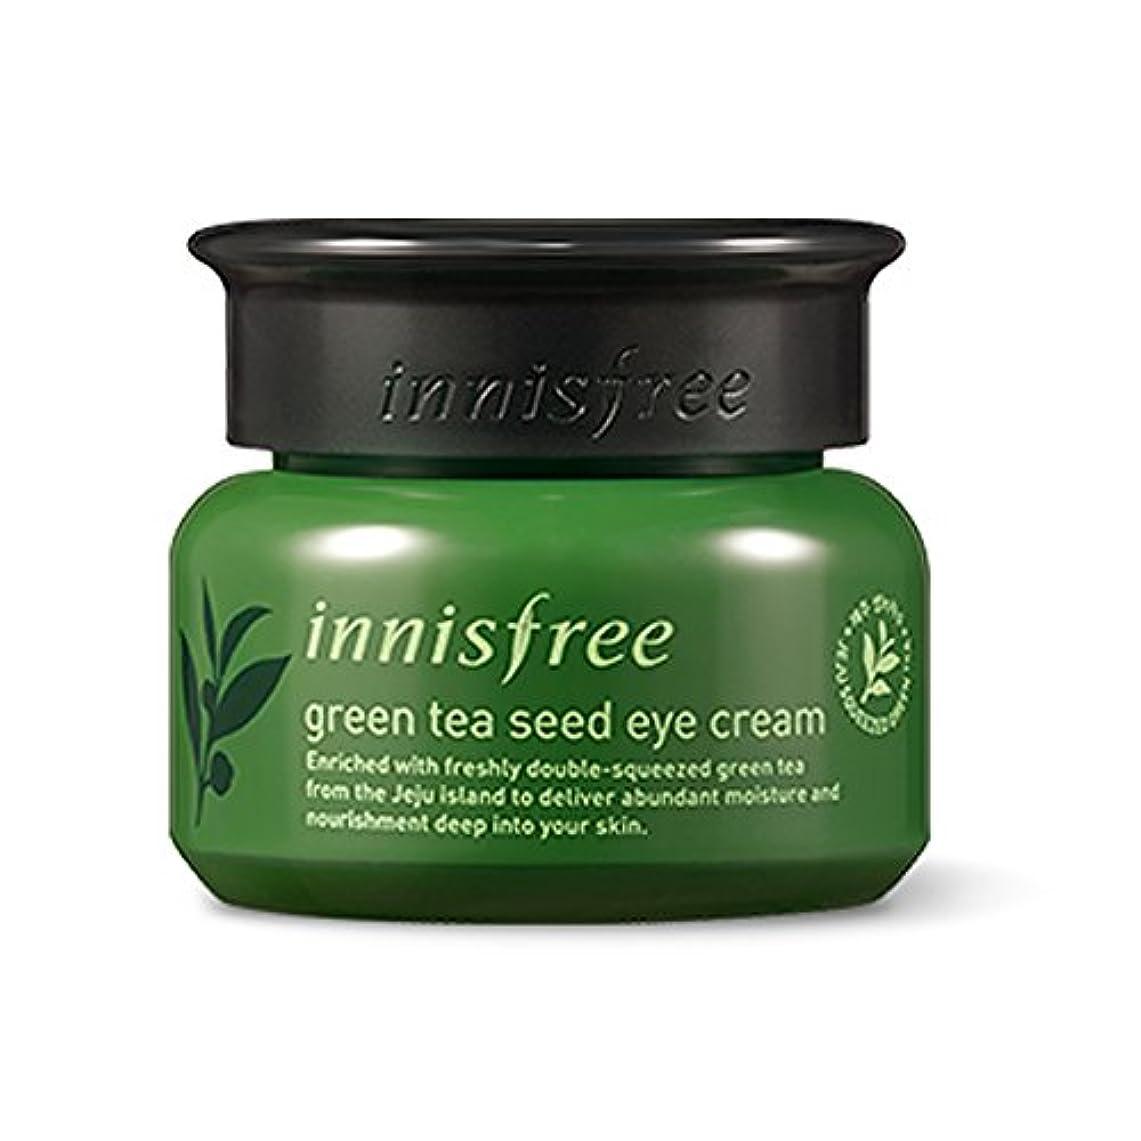 忙しい倫理的部イニスフリーグリーンティーシードアイクリーム30ml Innisfree The Green Tea Seed Eye Cream 30ml [海外直送品][並行輸入品]